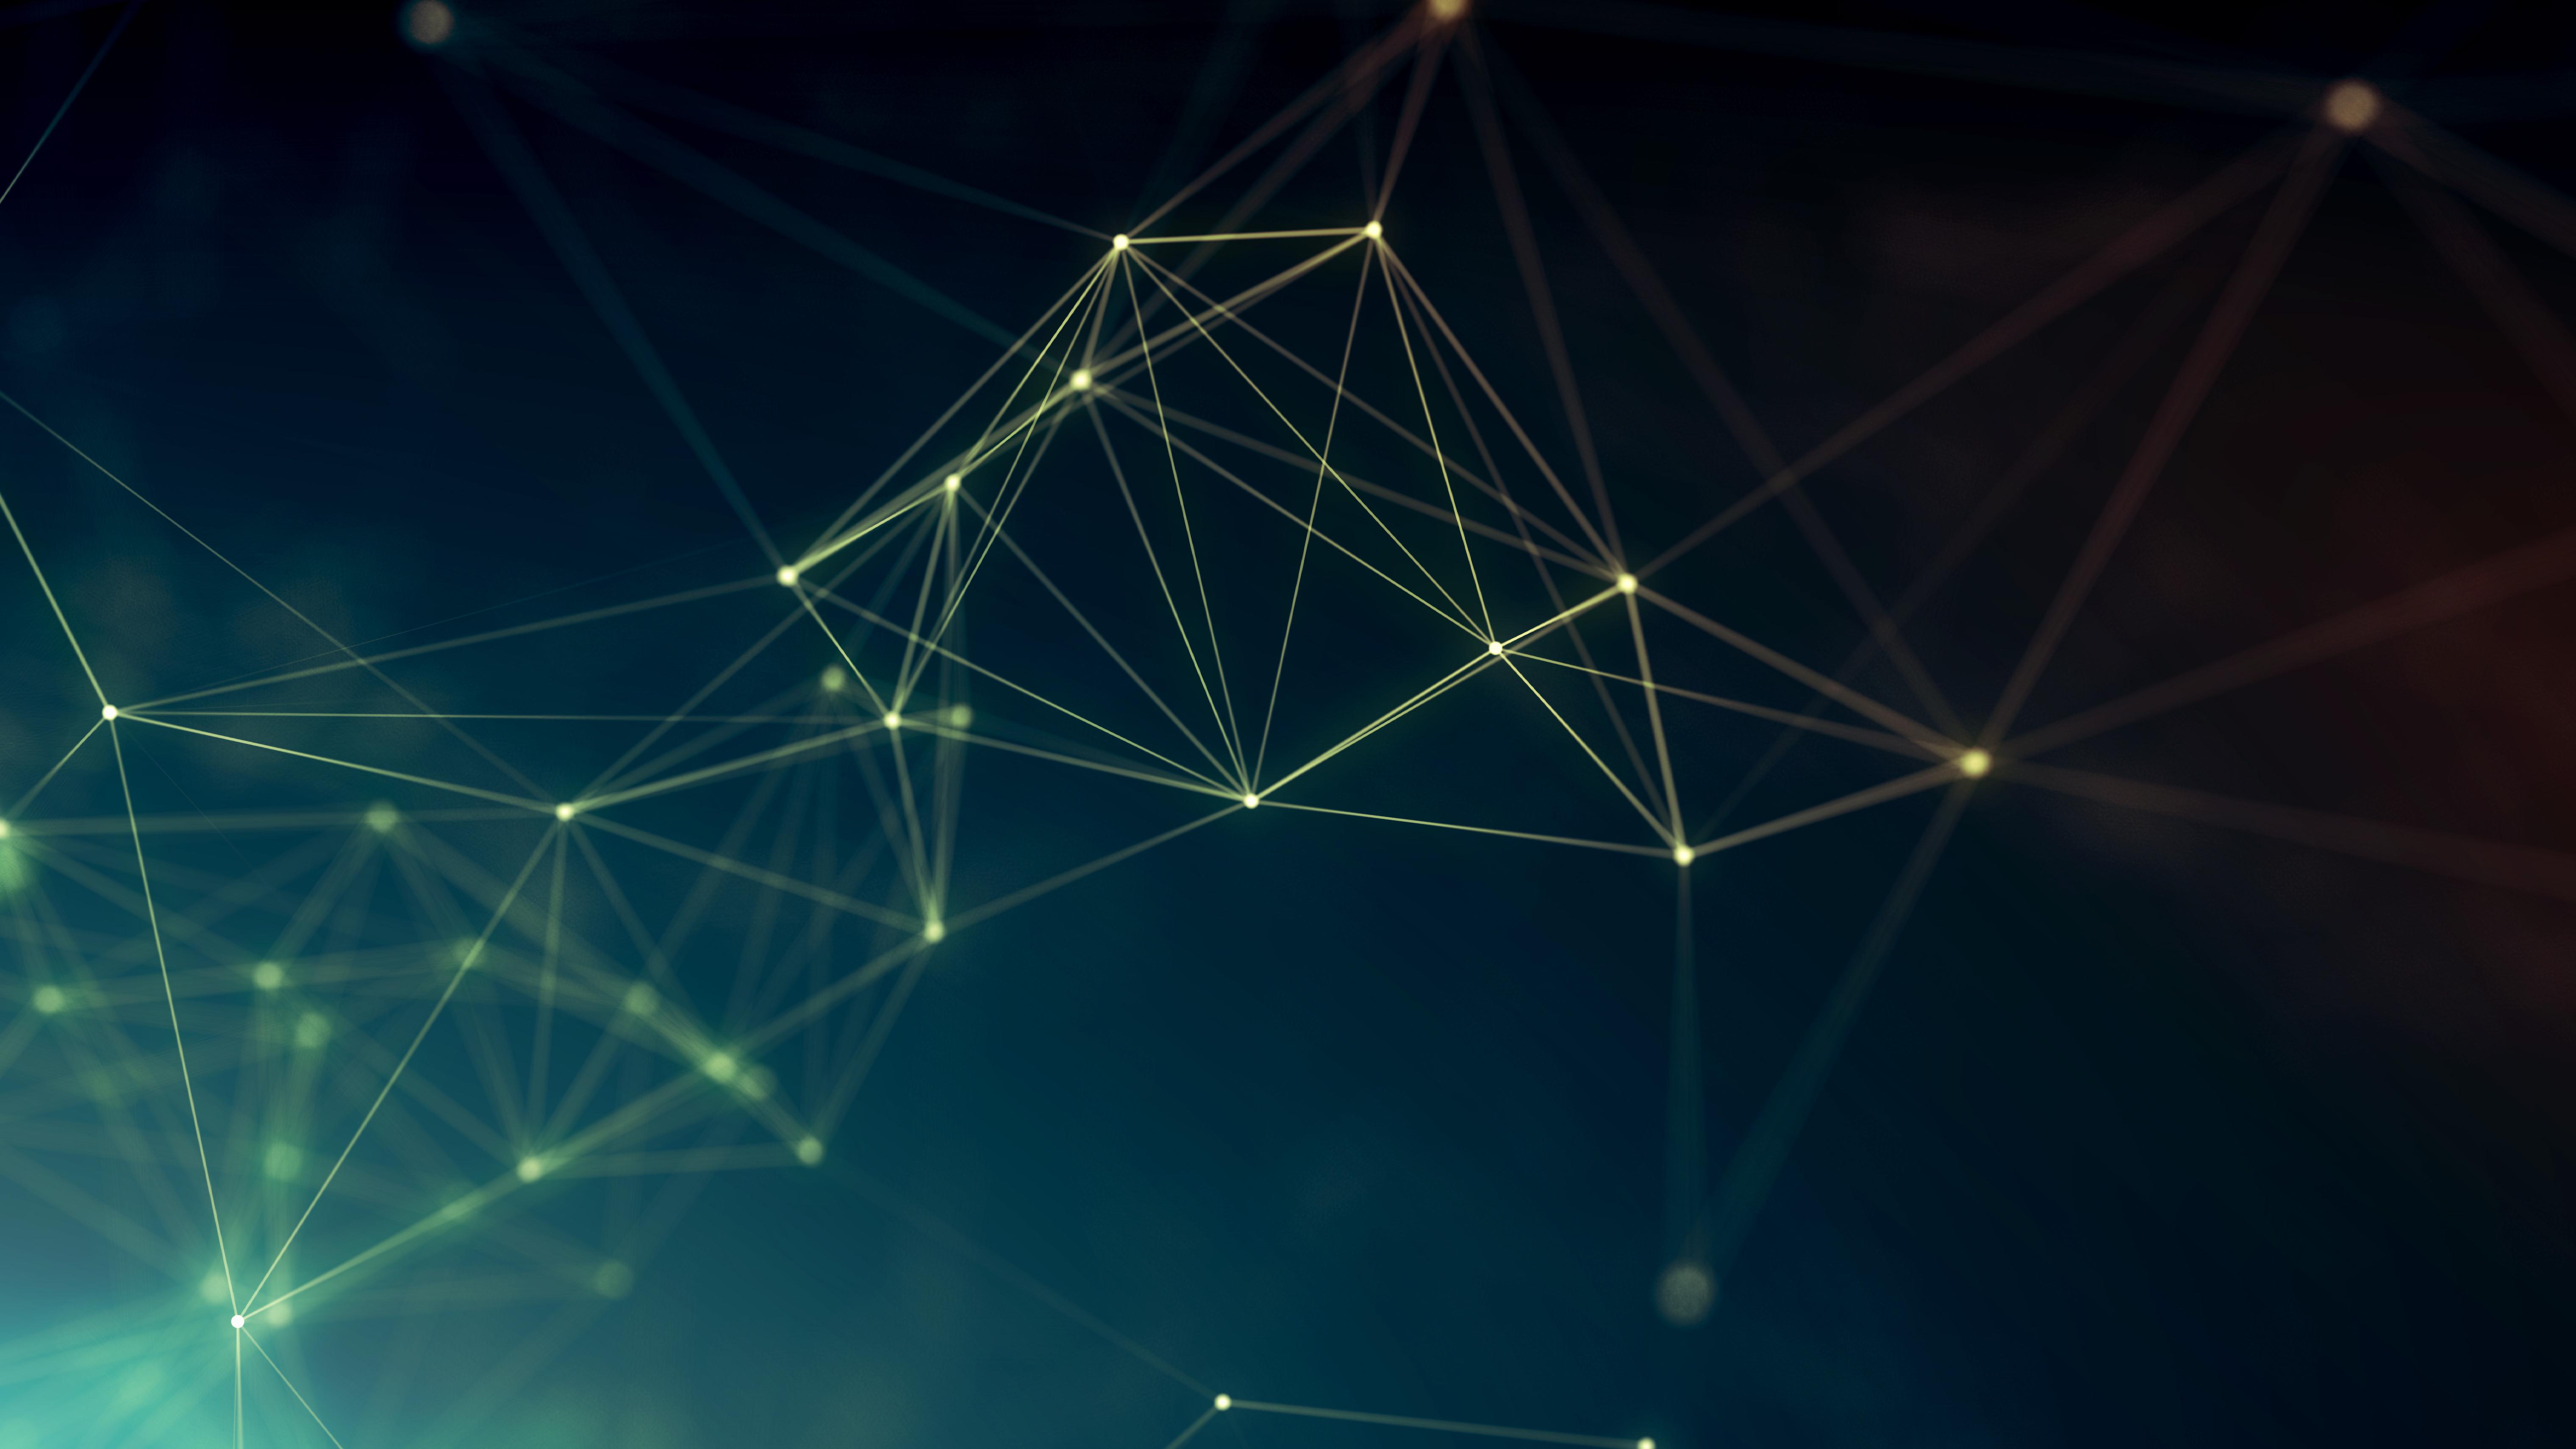 индивидуальным геометрические картинки рабочего стола рассказывает самых